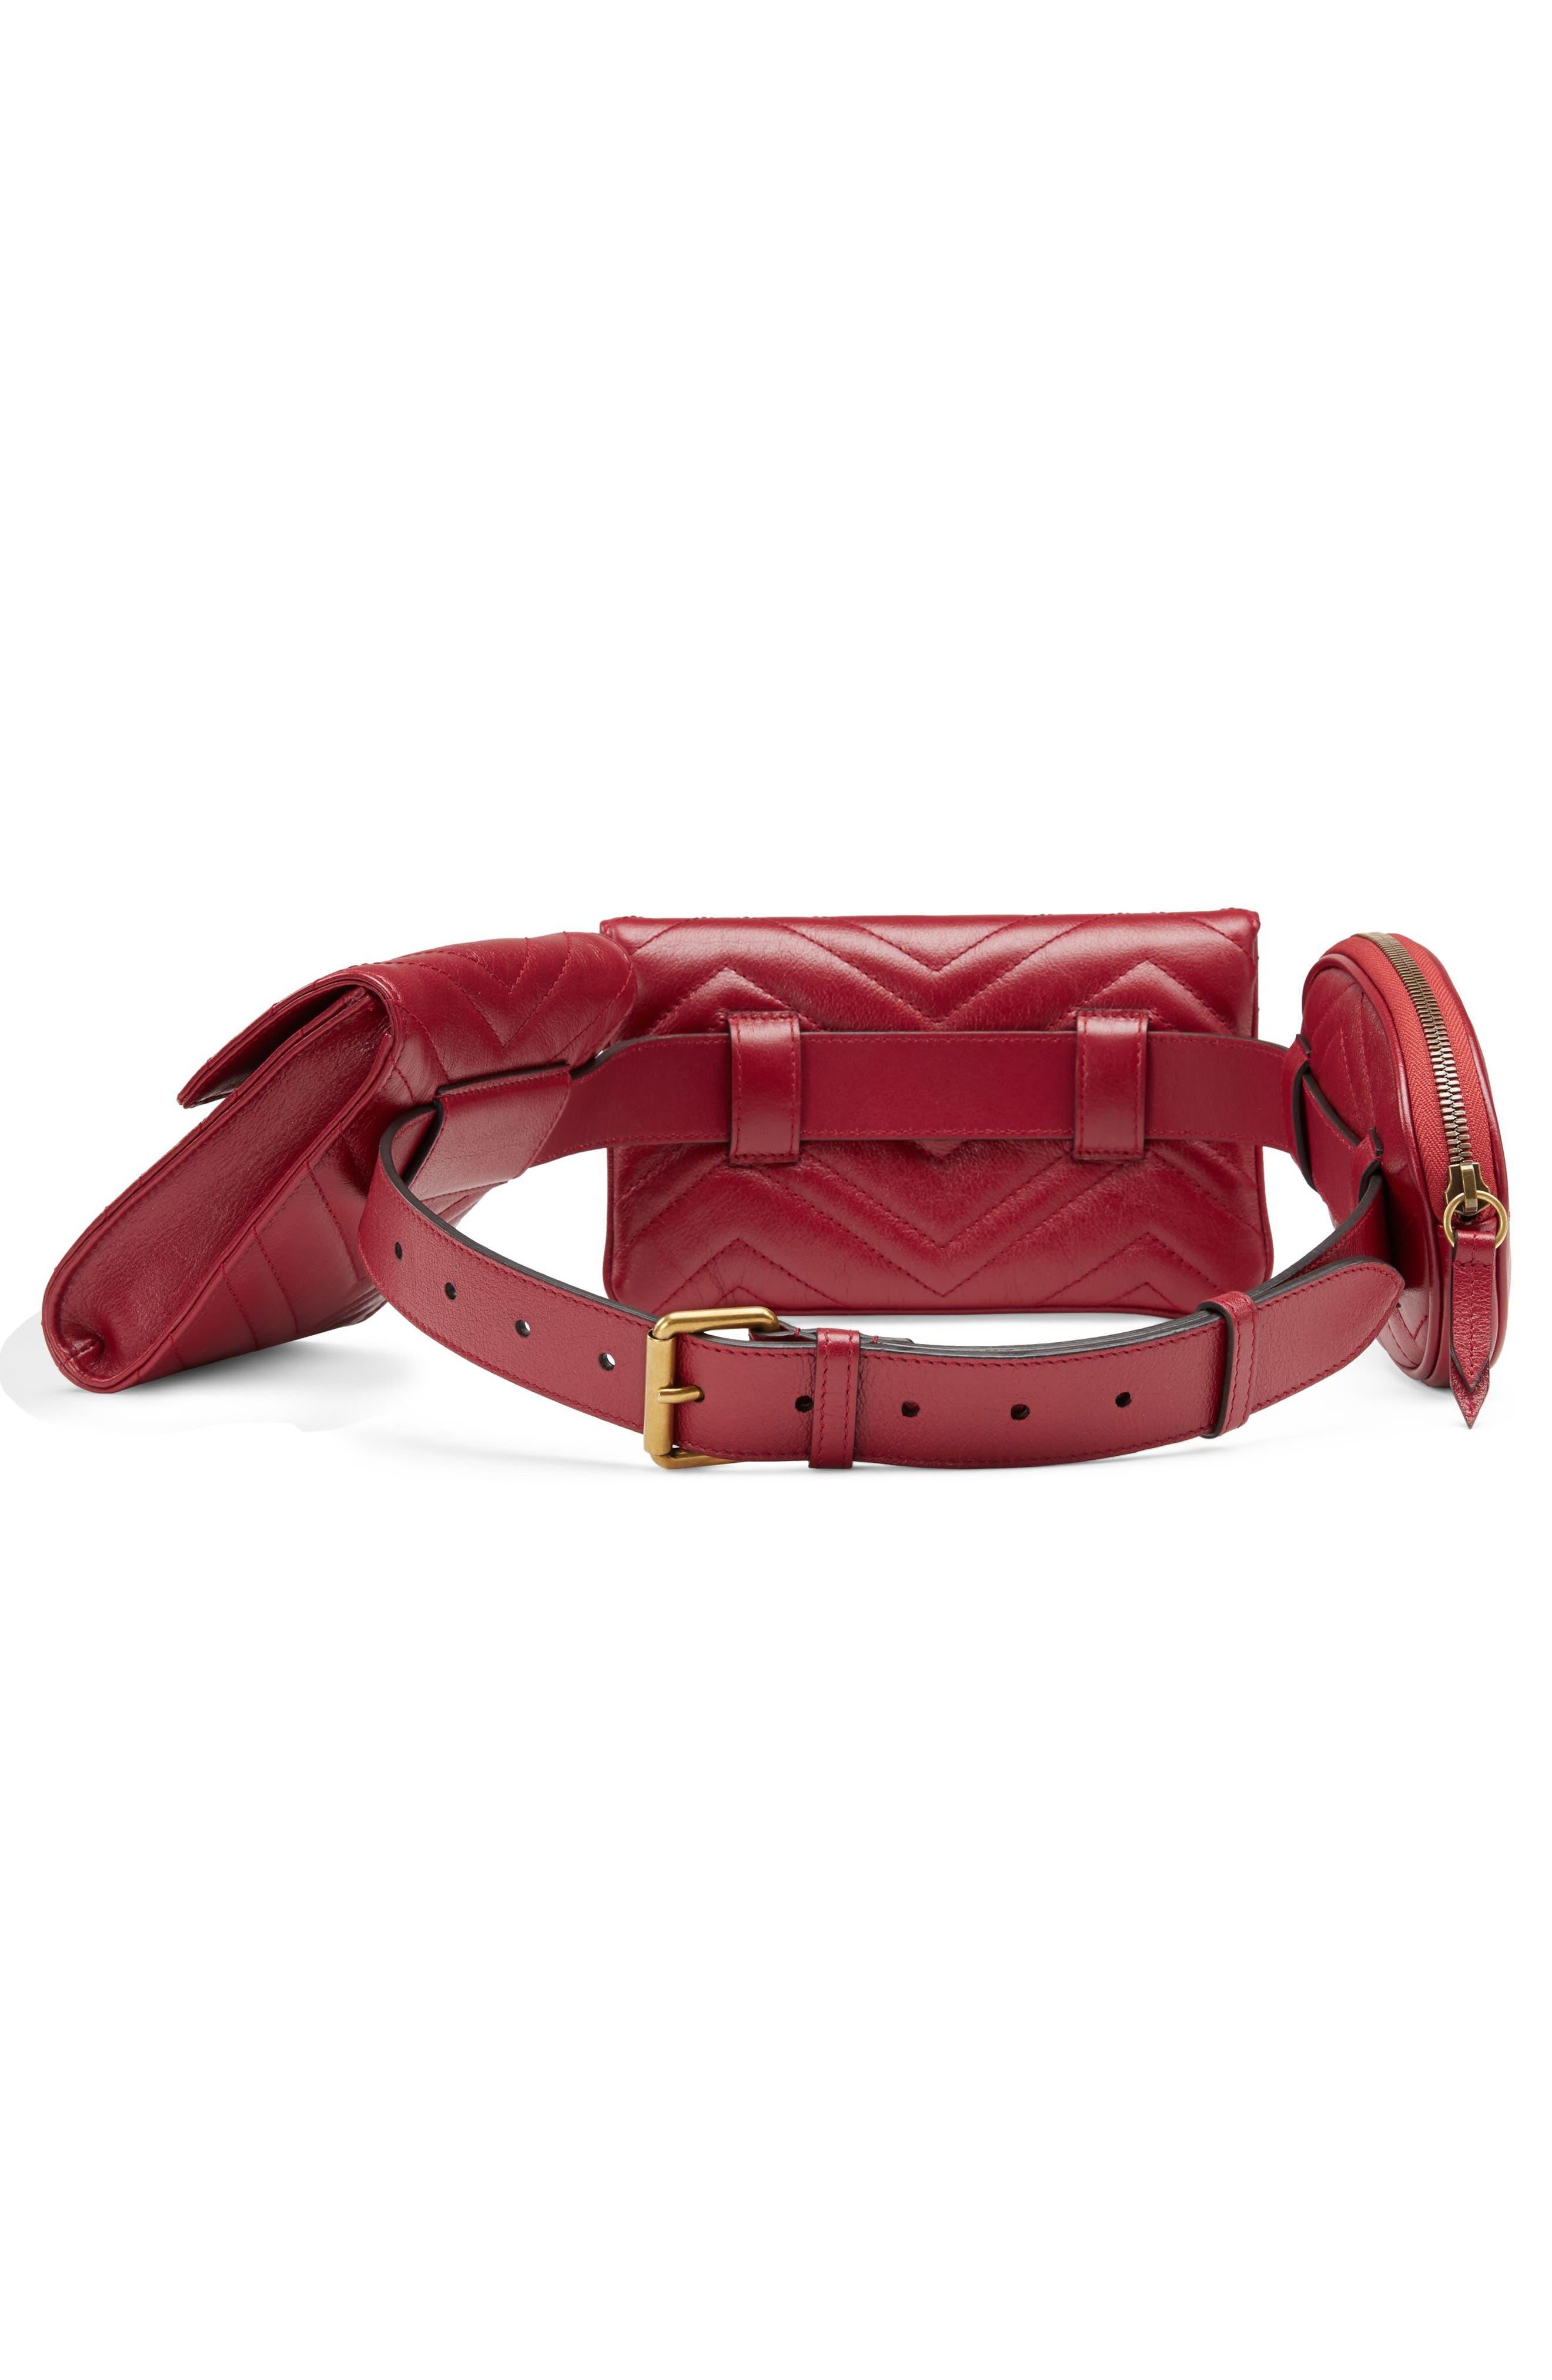 GG Marmont 2.0 Matelassé Triple Pouch Leather Belt Bag,                             Alternate thumbnail 2, color,                             Cerise/ Cerise